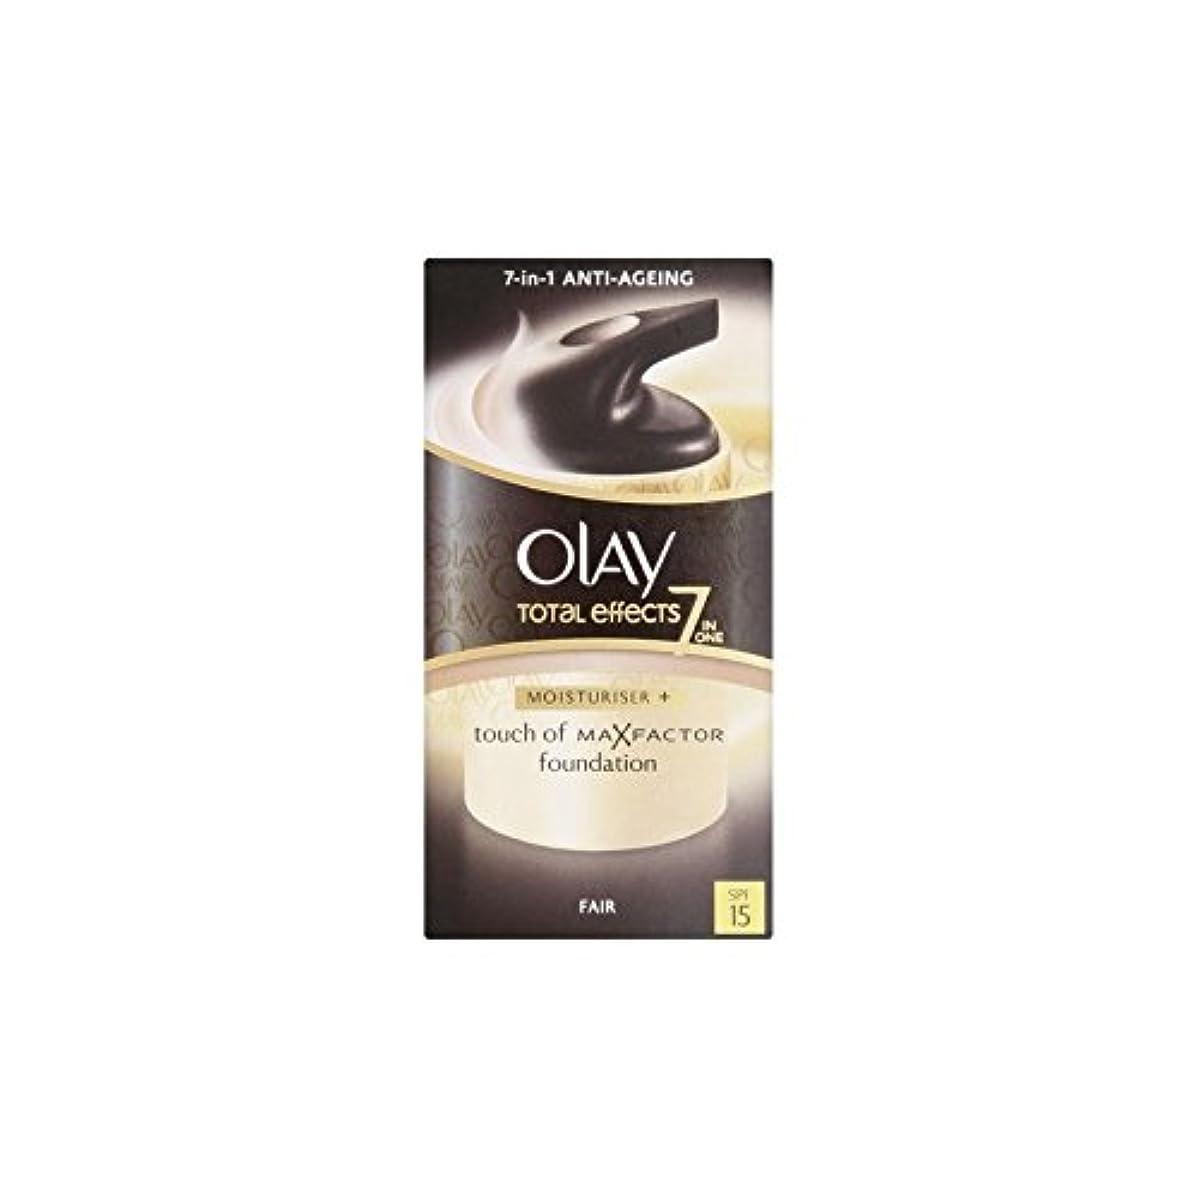 王女鹿組オーレイトータルエフェクト保湿クリーム15 - フェア(50ミリリットル) x2 - Olay Total Effects Moisturiser Bb Cream Spf15 - Fair (50ml) (Pack of...